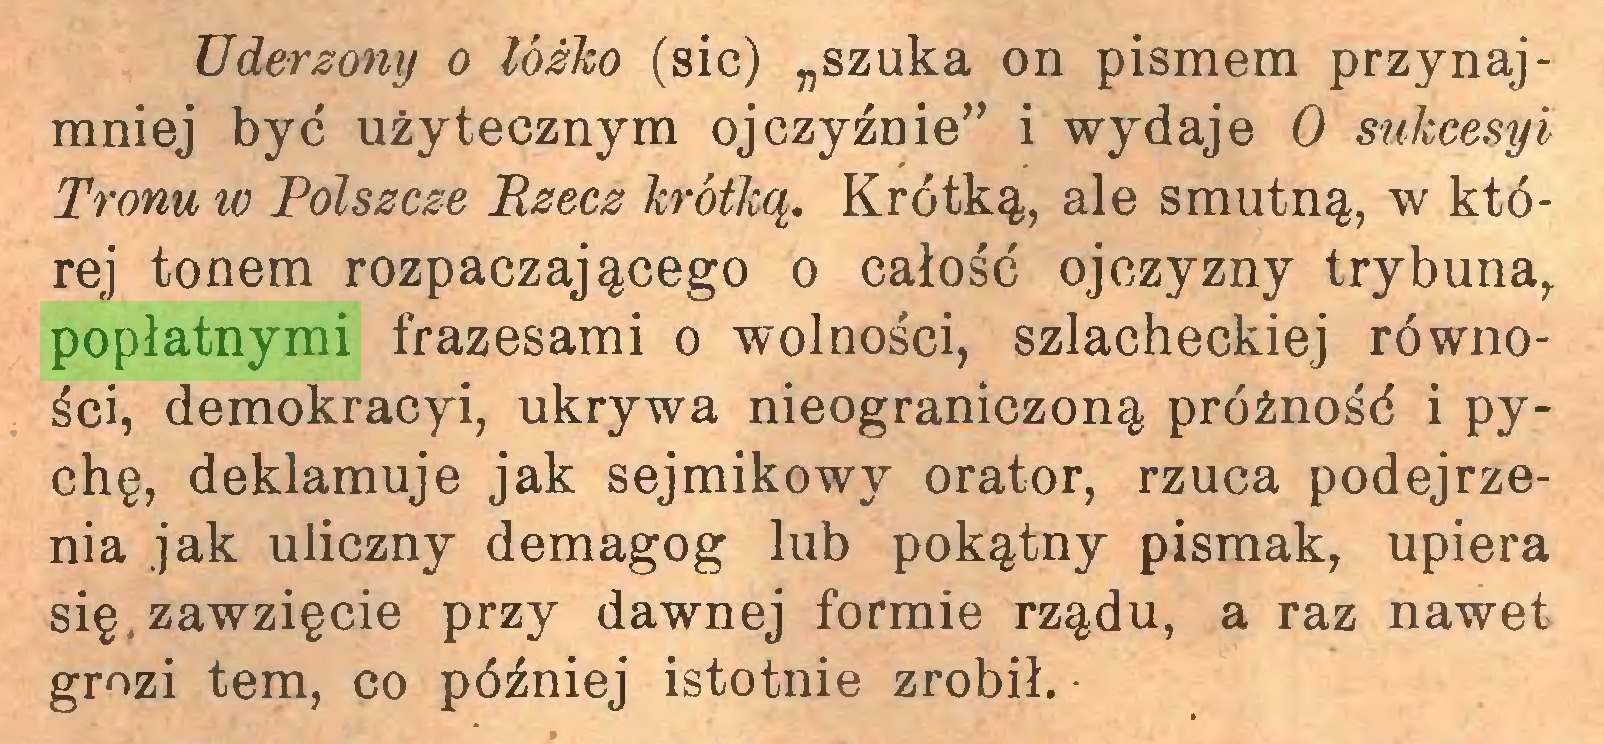 """(...) Uderzony o łóżko (sic) """"szuka on pismem przynajmniej być użytecznym ojczyźnie"""" i wydaje 0 sukcesyi Tronu w Polszczę Ezecz krótką. Krótką, ale smutną, w której tonem rozpaczającego o całość ojczyzny trybuna, popłatnymi frazesami o wolności, szlacheckiej równości, demokracyi, ukrywa nieograniczoną próżność i pychę, deklamuje jak sejmikowy orator, rzuca podejrzenia jak uliczny demagog lub pokątny pismak, upiera się.zawzięcie przy dawnej formie rządu, a raz nawet grozi tem, co później istotnie zrobił..."""